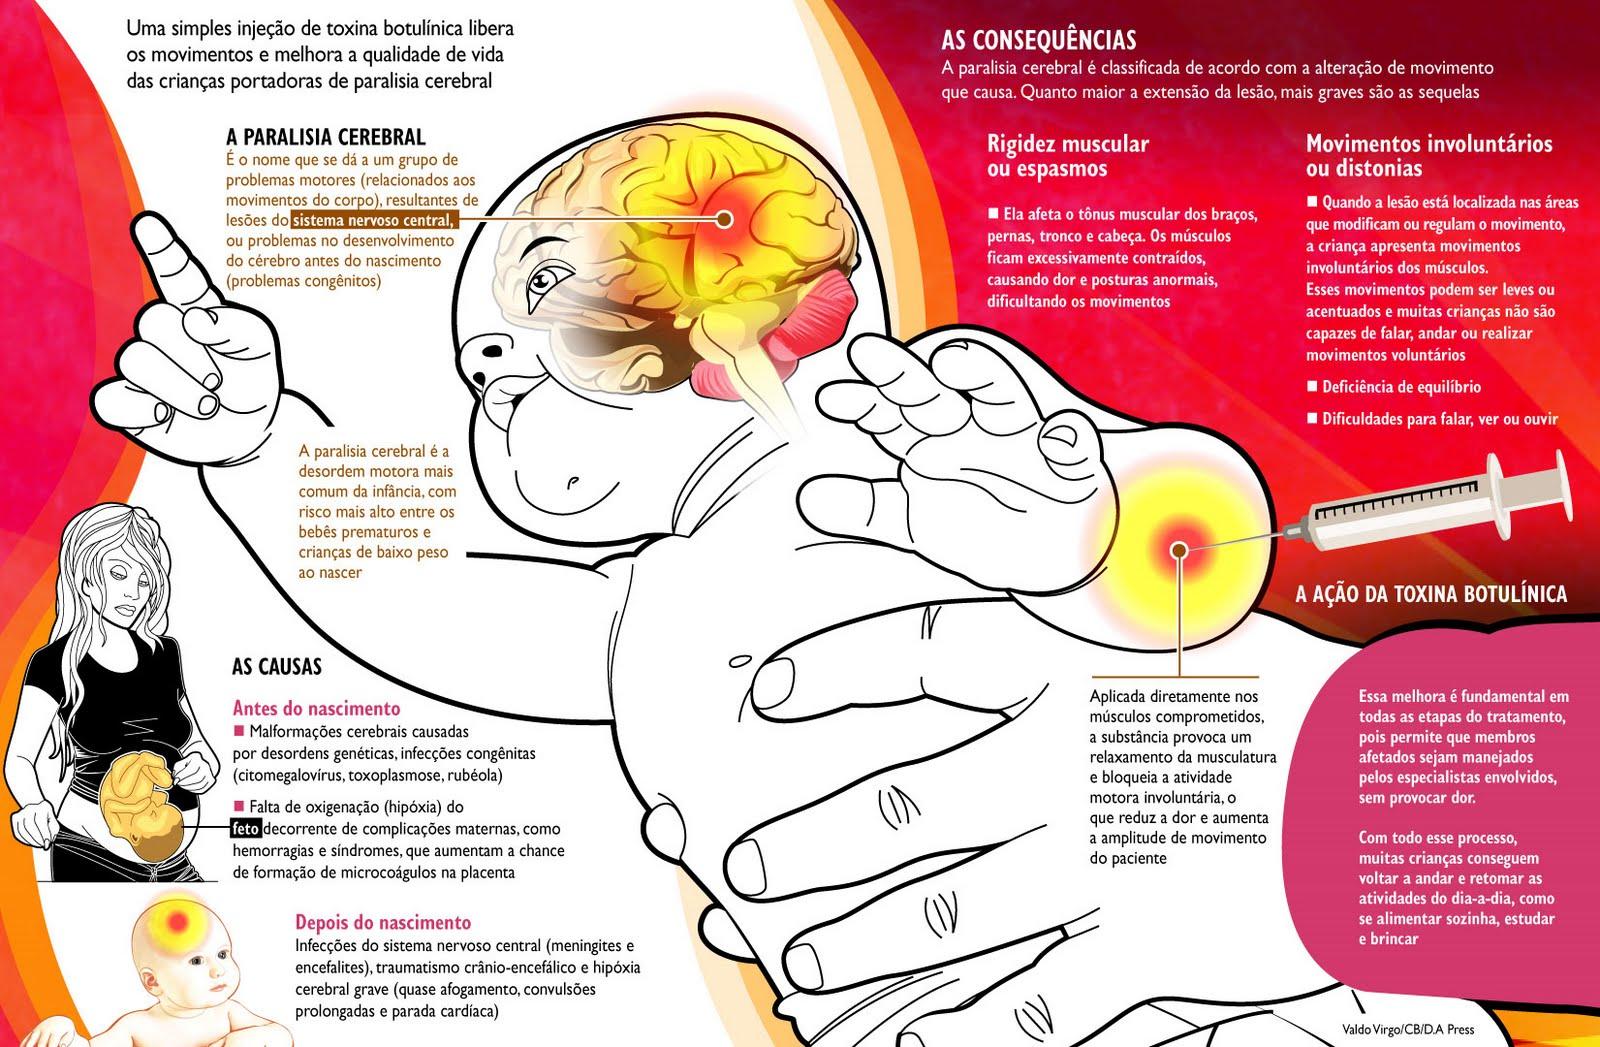 Paralisia Cerebral e Suas Consequências